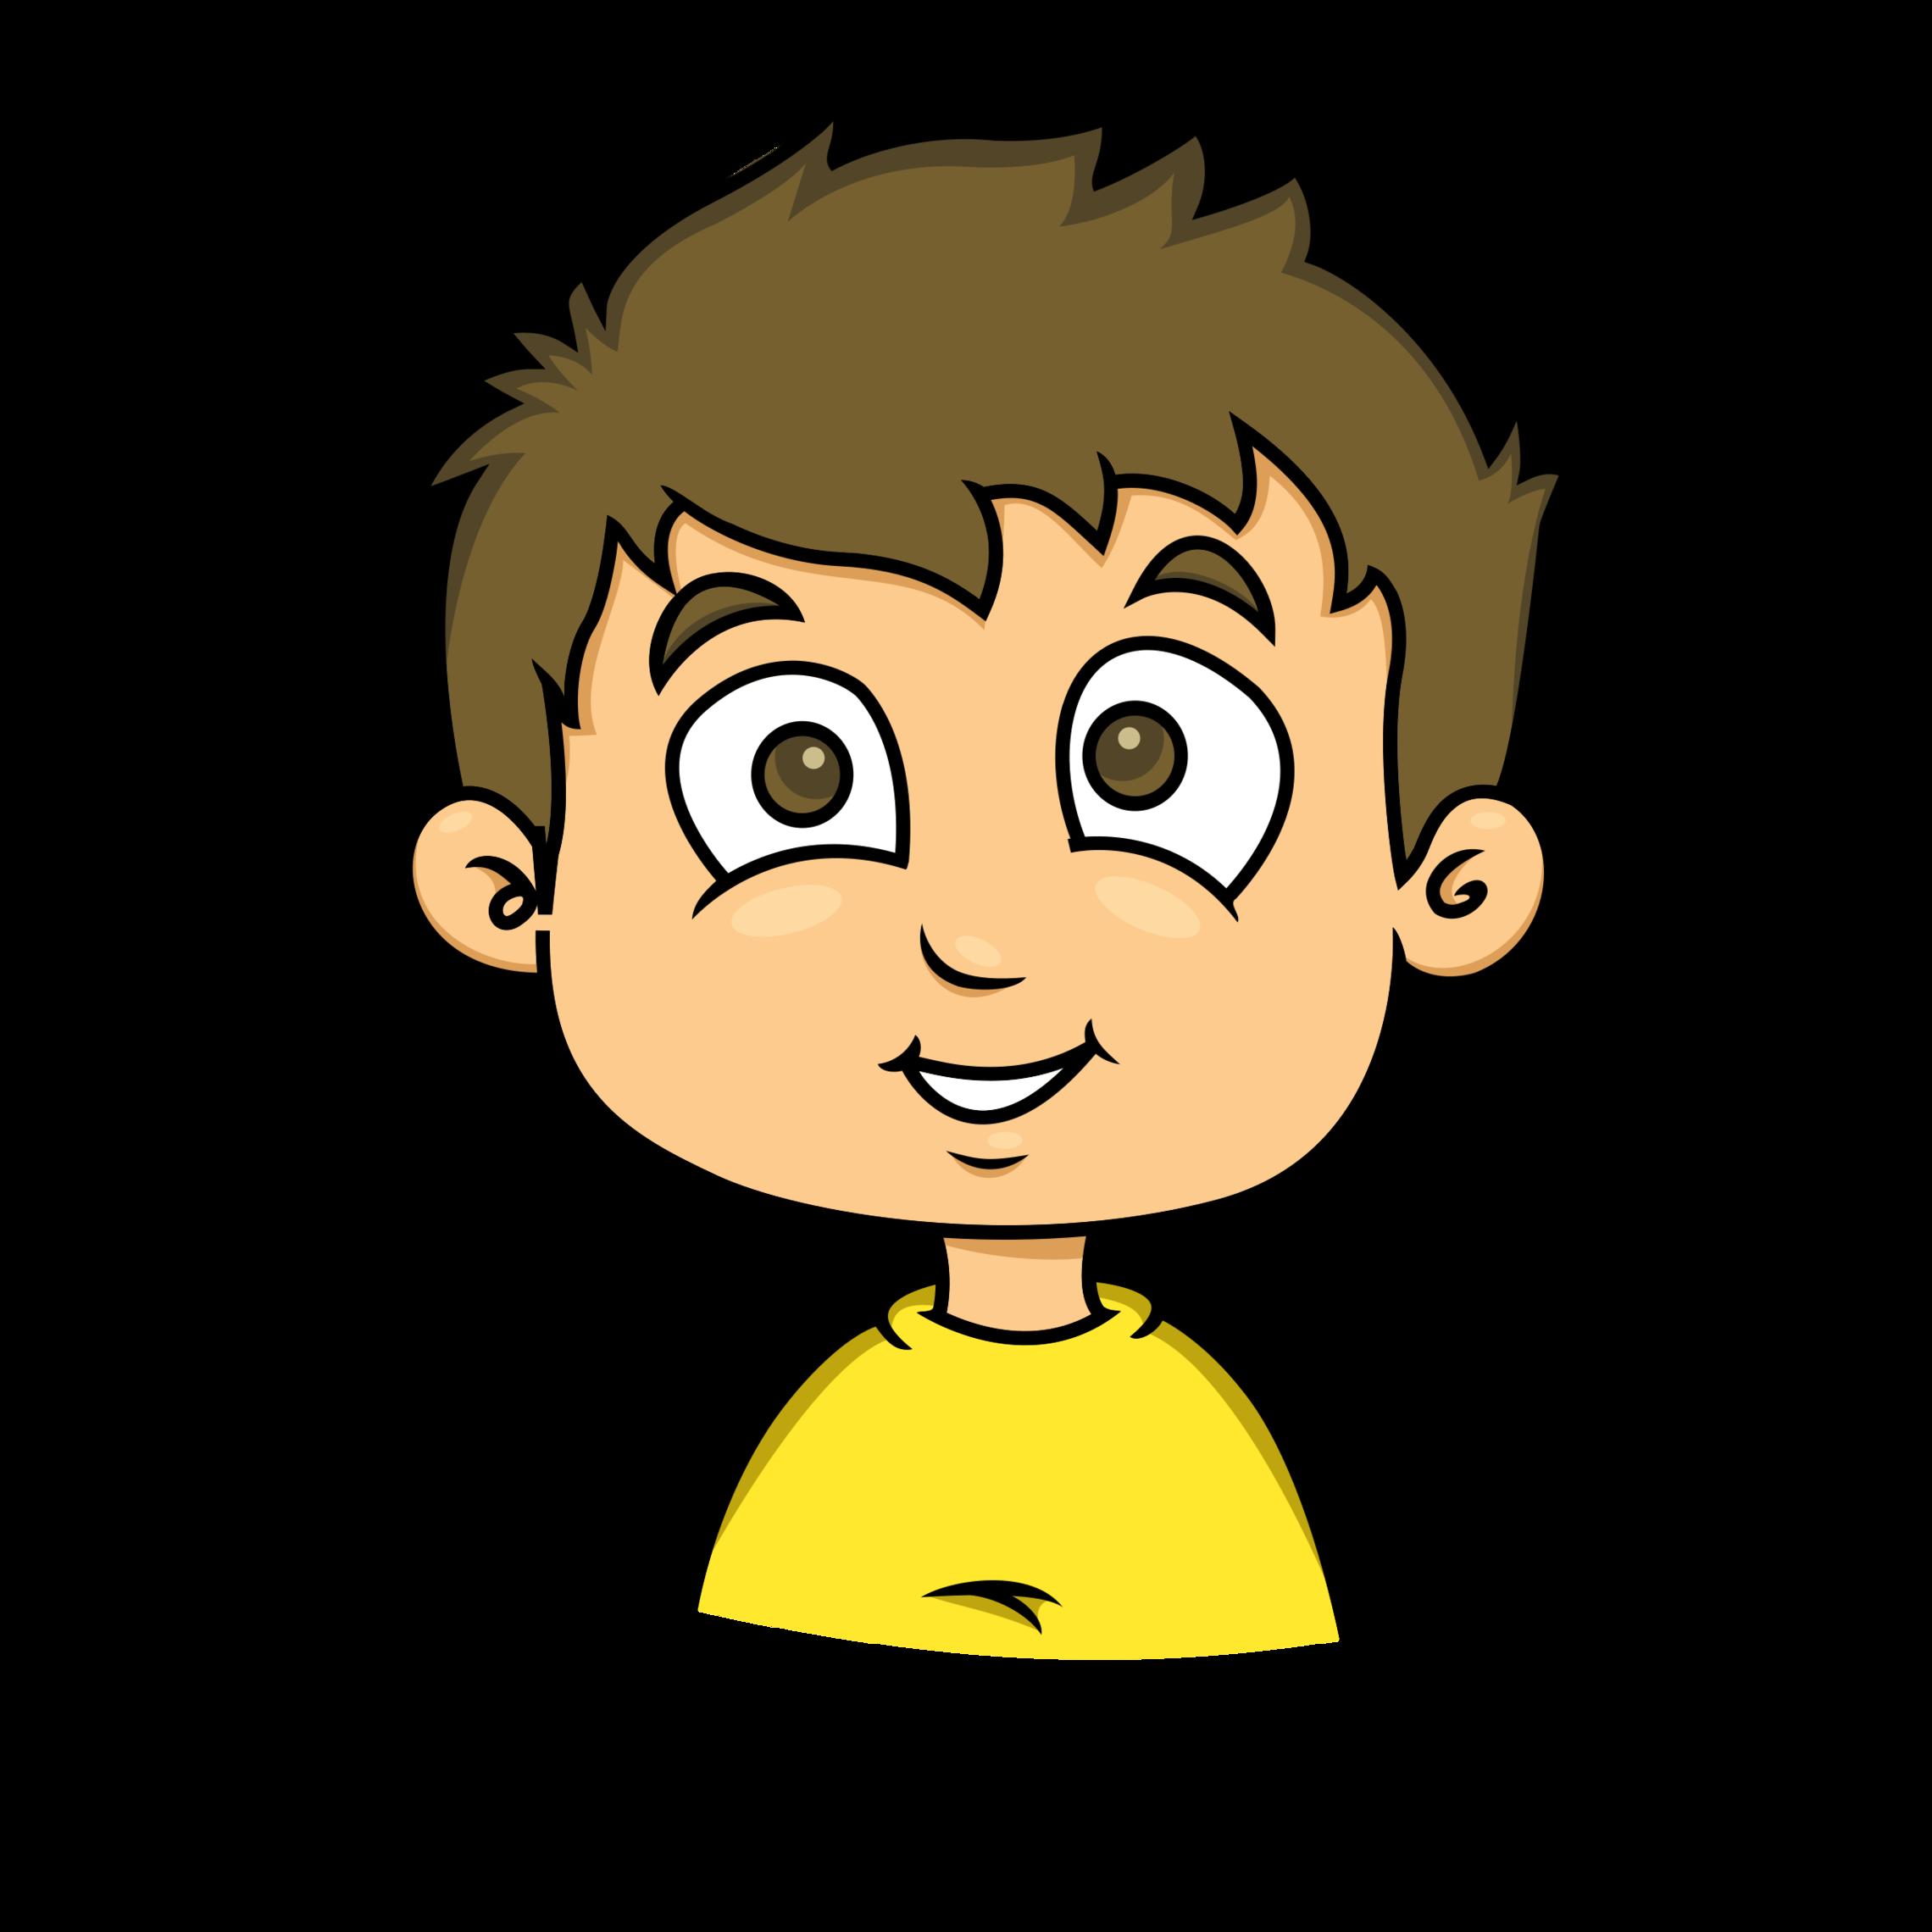 Faces clipart smart boy, Faces smart boy Transparent FREE.